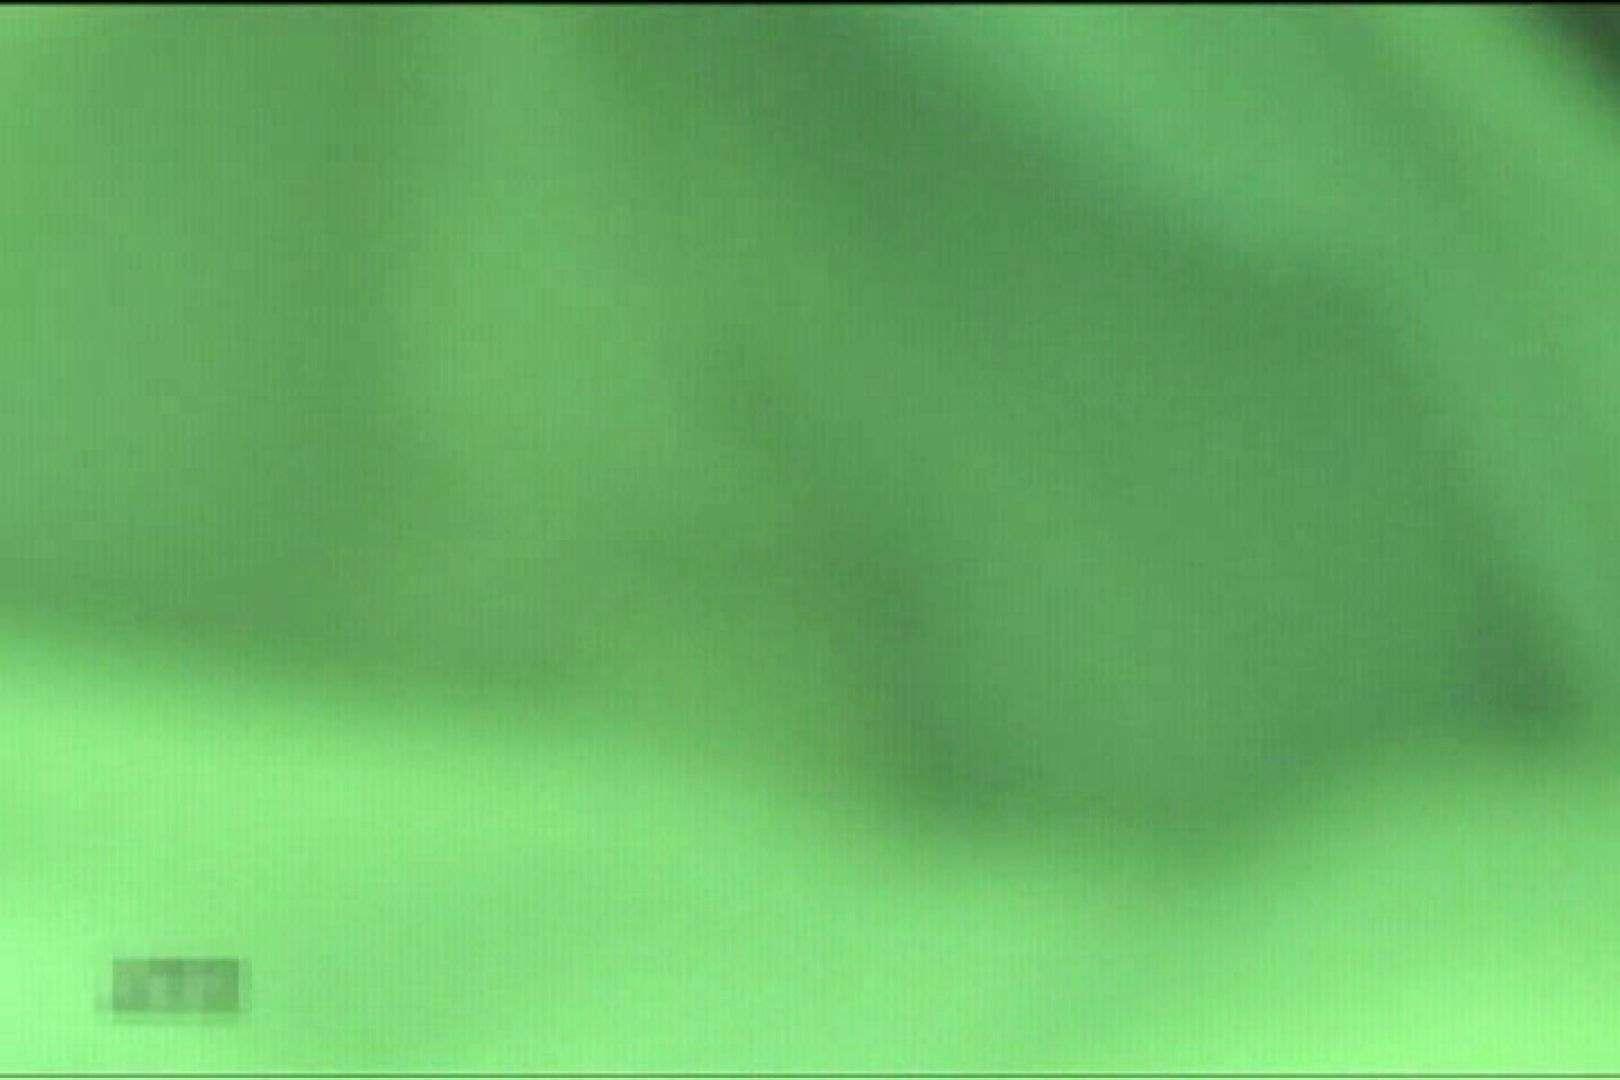 必撮!! チクビっくりVol.7 乳首 盗み撮りAV無料動画キャプチャ 86pic 65